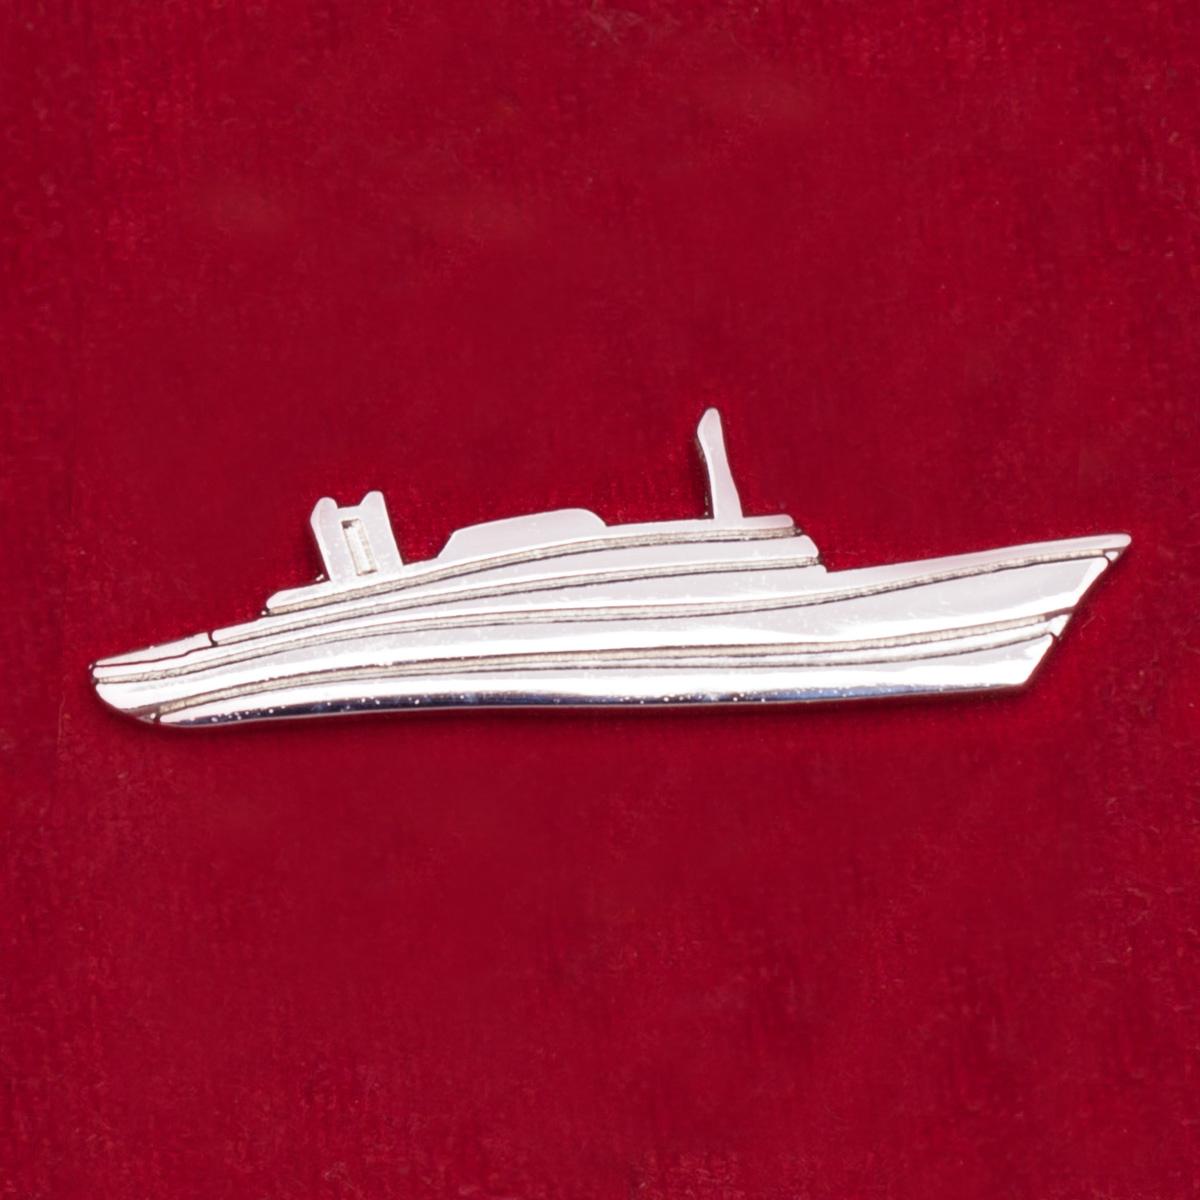 Значок в память о морском круизе